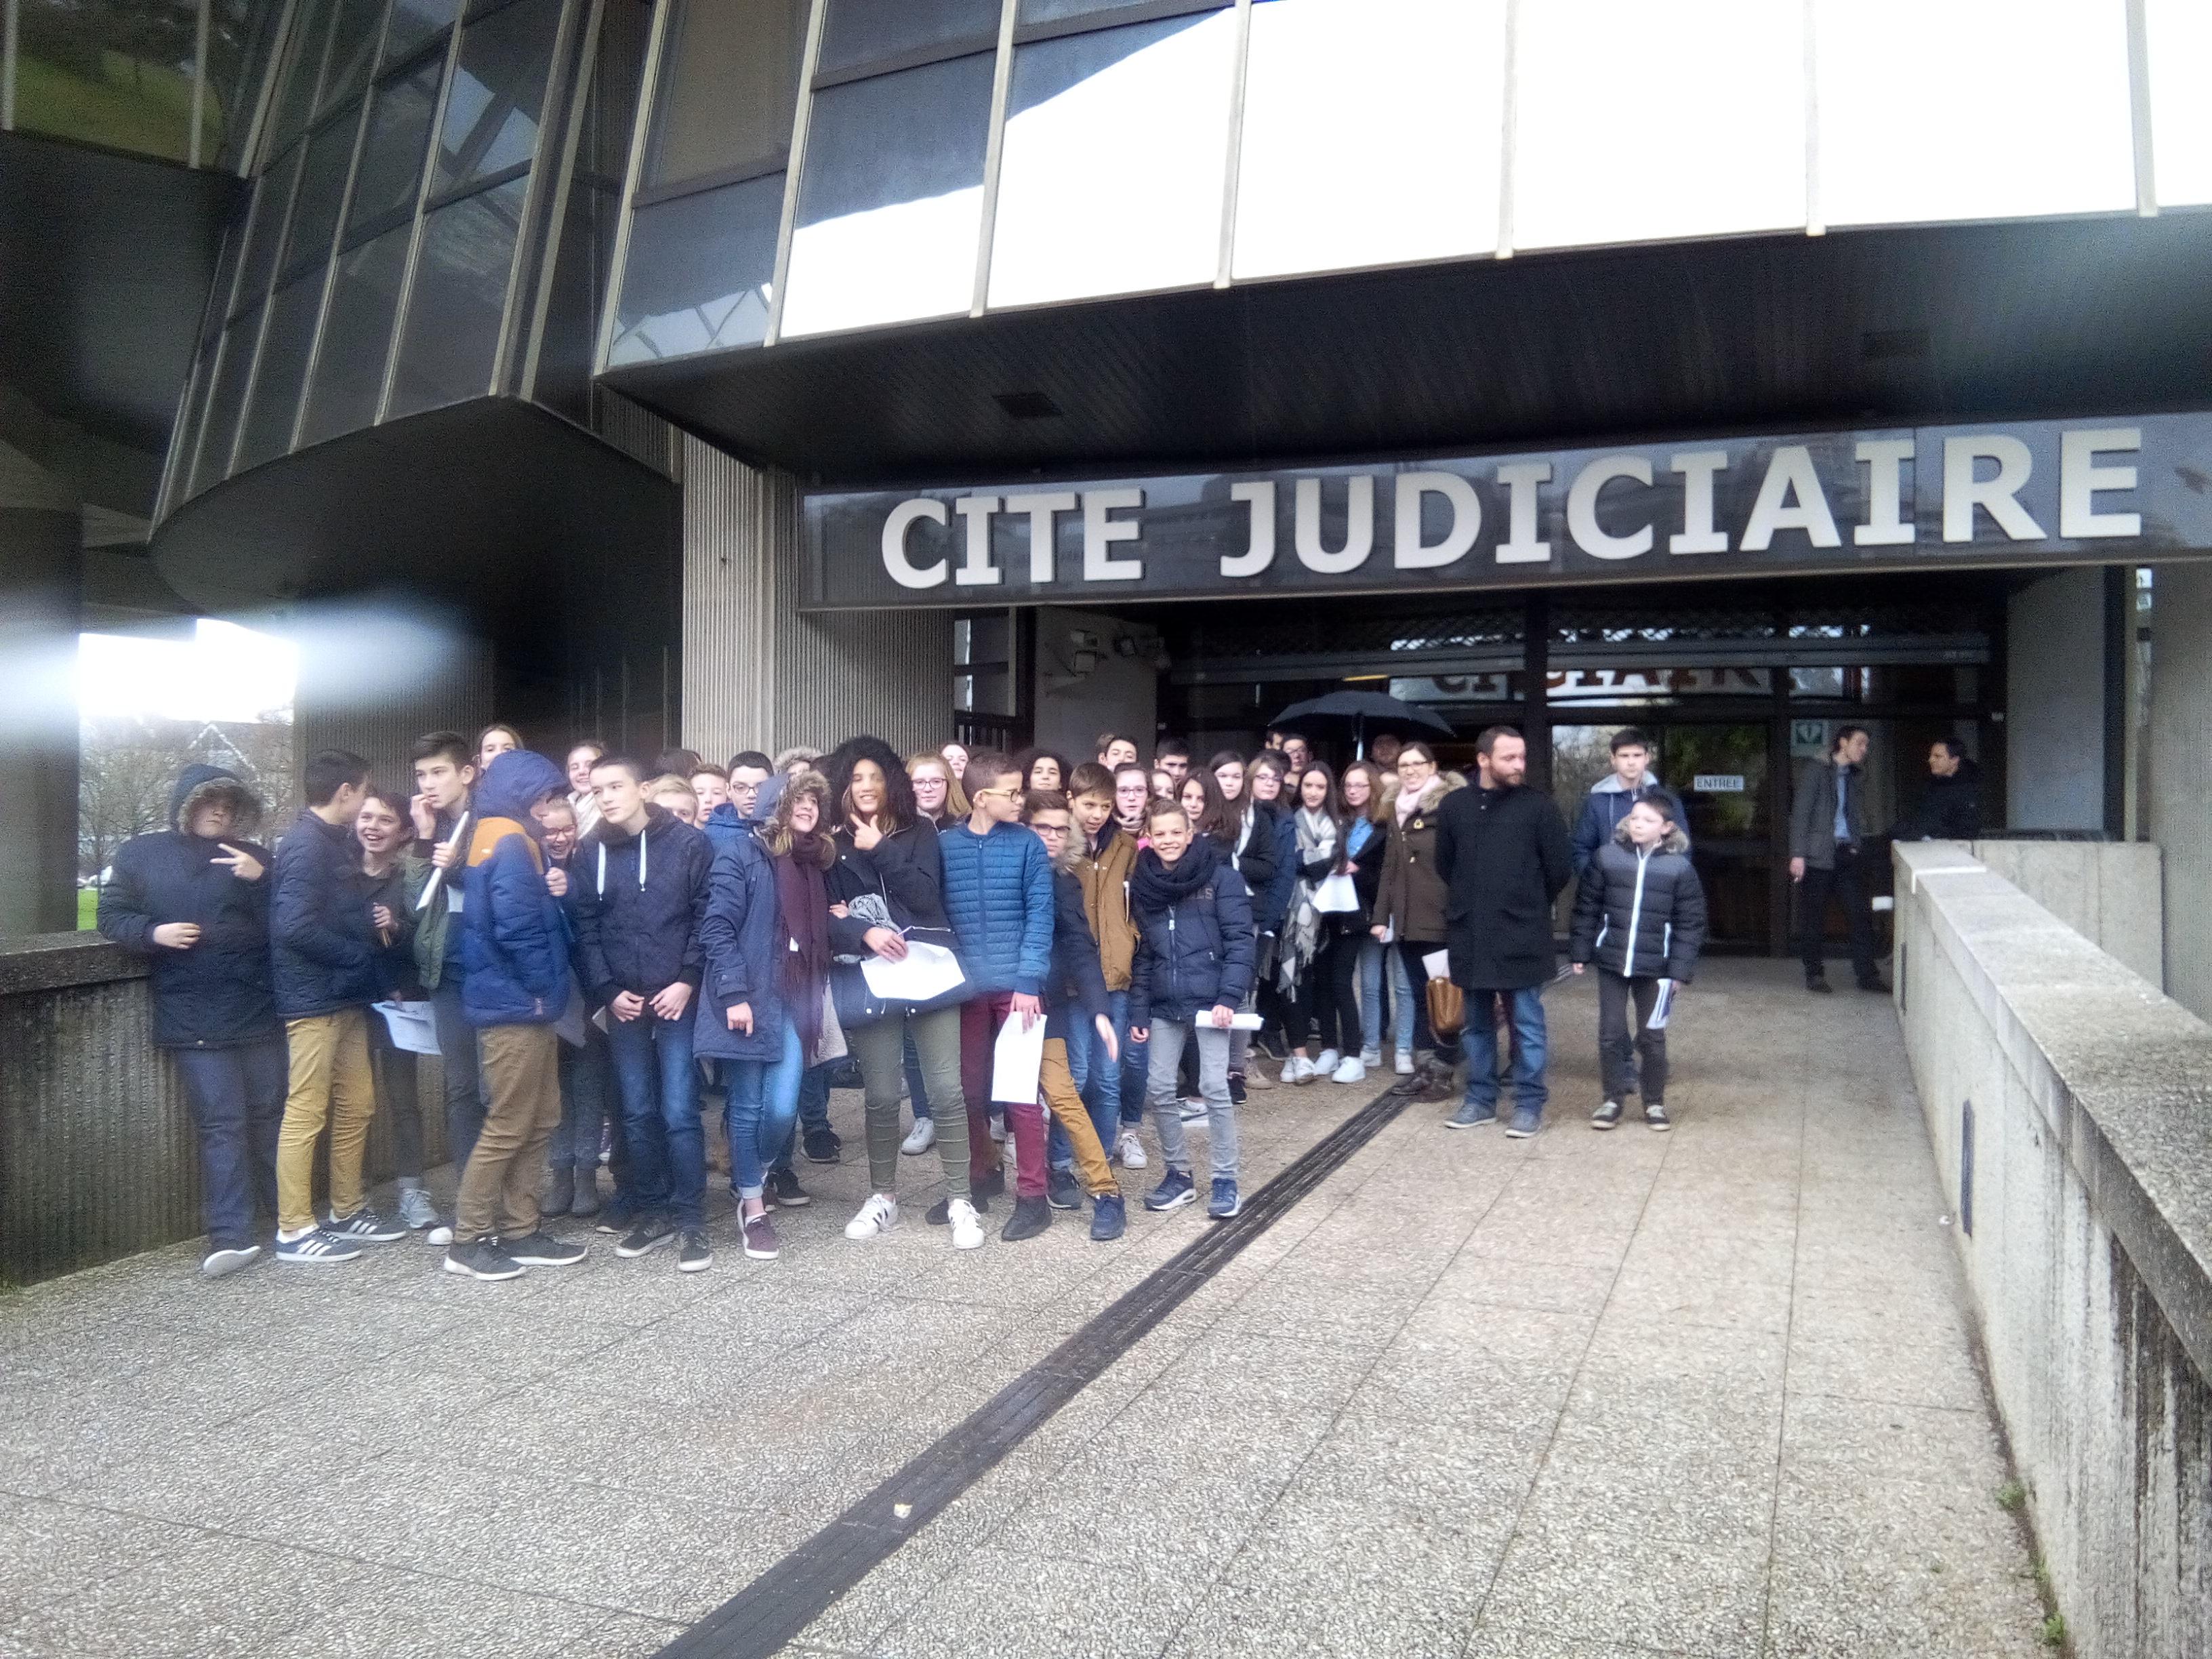 Sortie au tribunal correctionnel de Rennes avec les 4èmes